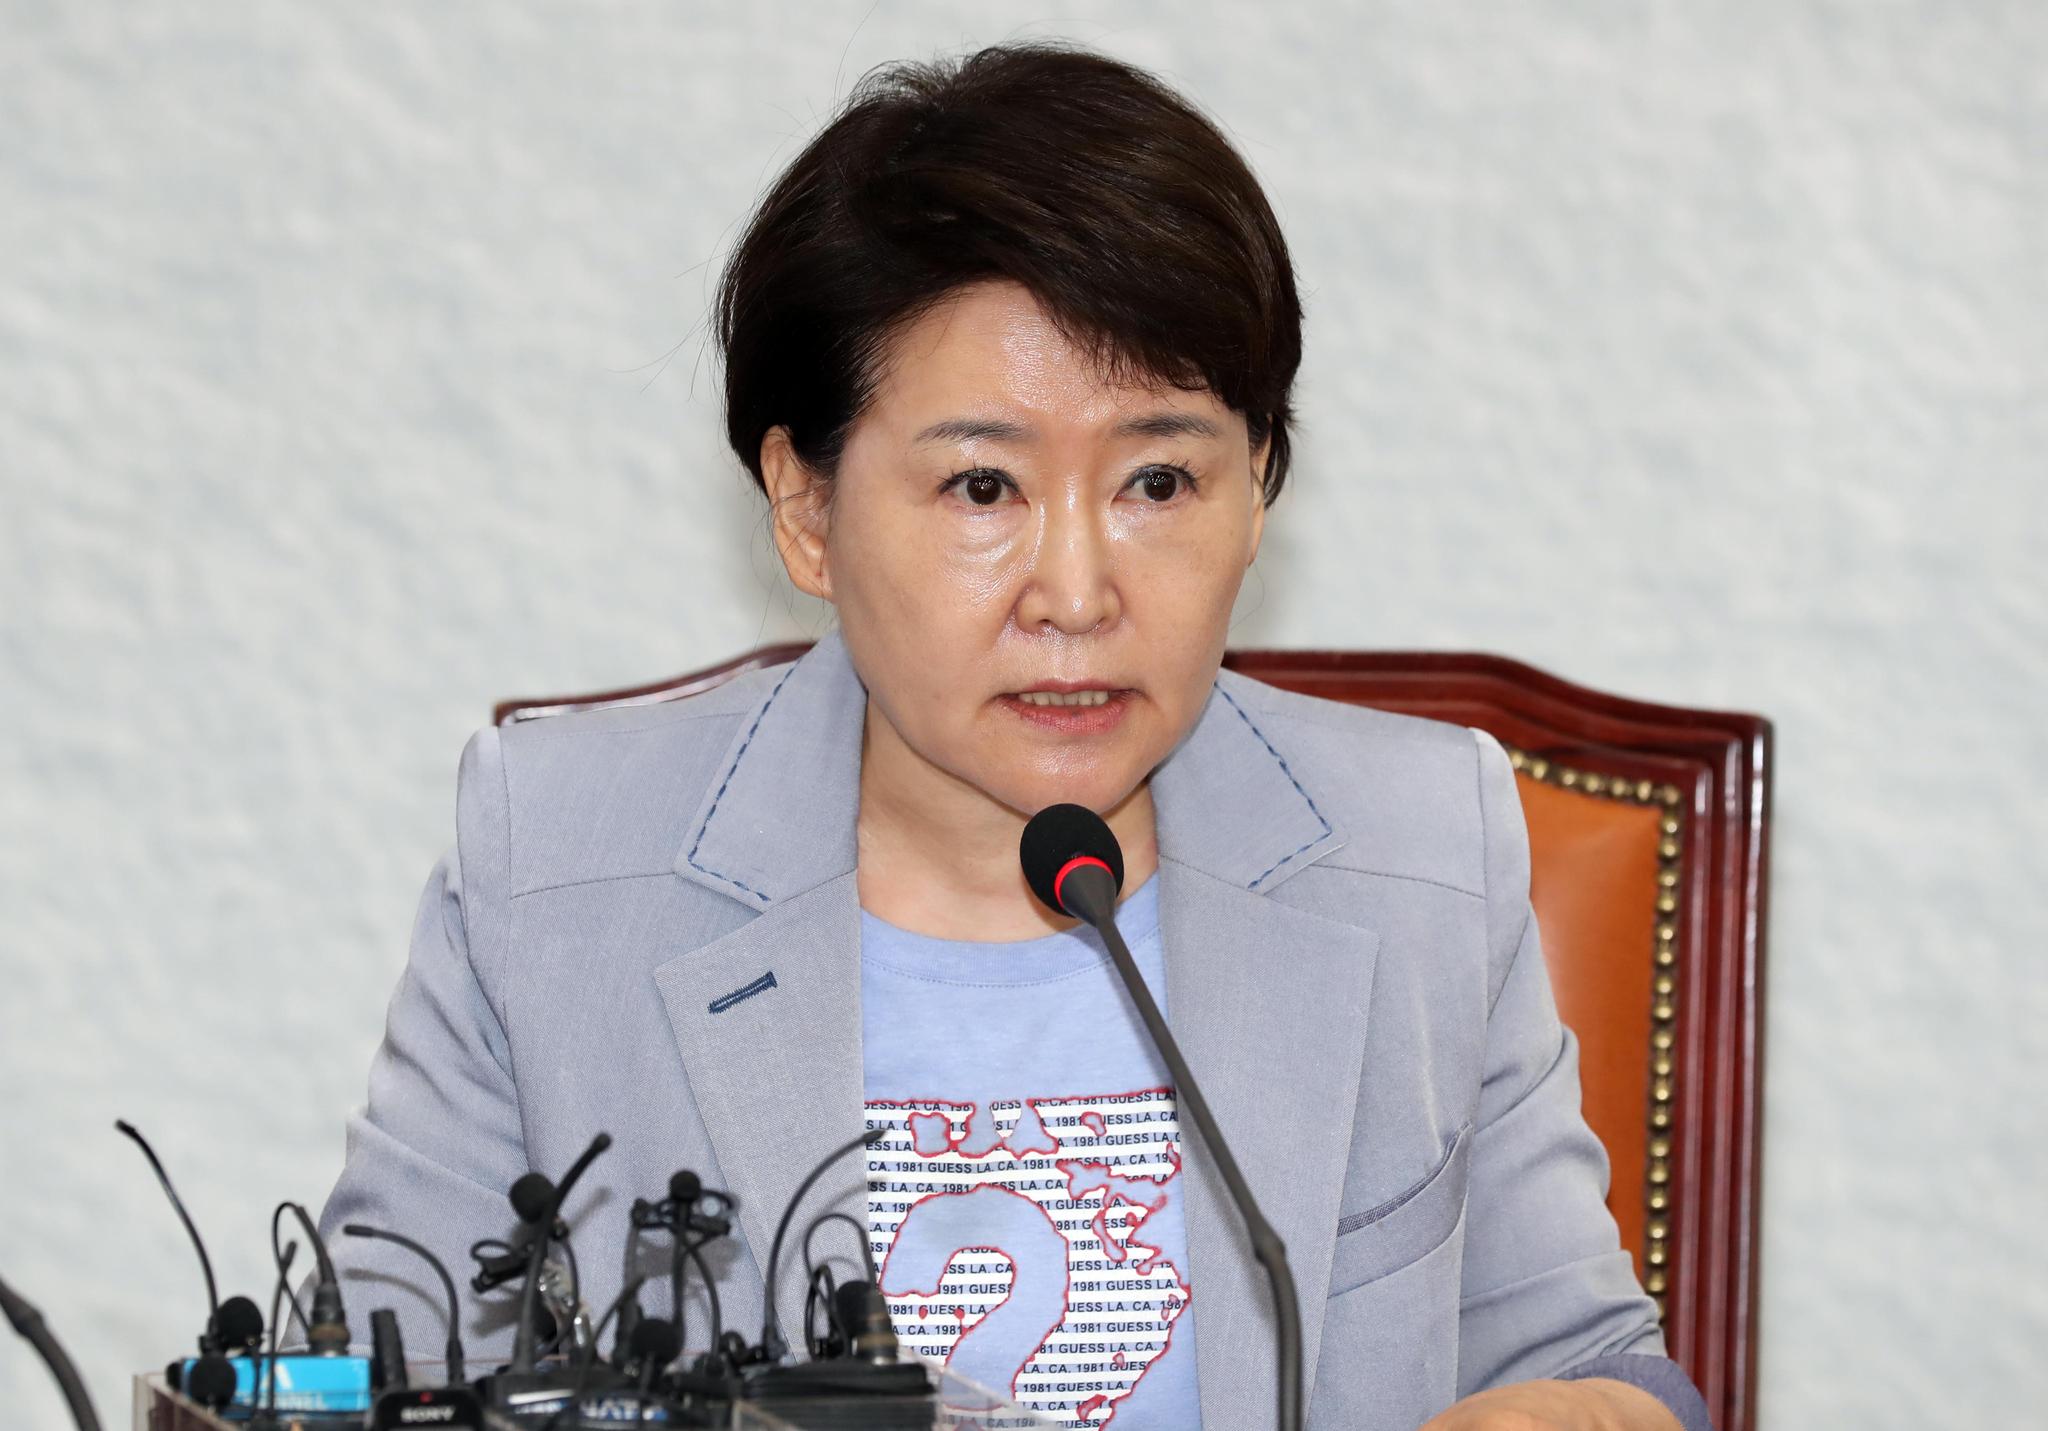 바른미래당 최고위원회의가 3일 국회에서 열렸다. 권은희 최고위원이 발언하고 있다. 변선구 기자